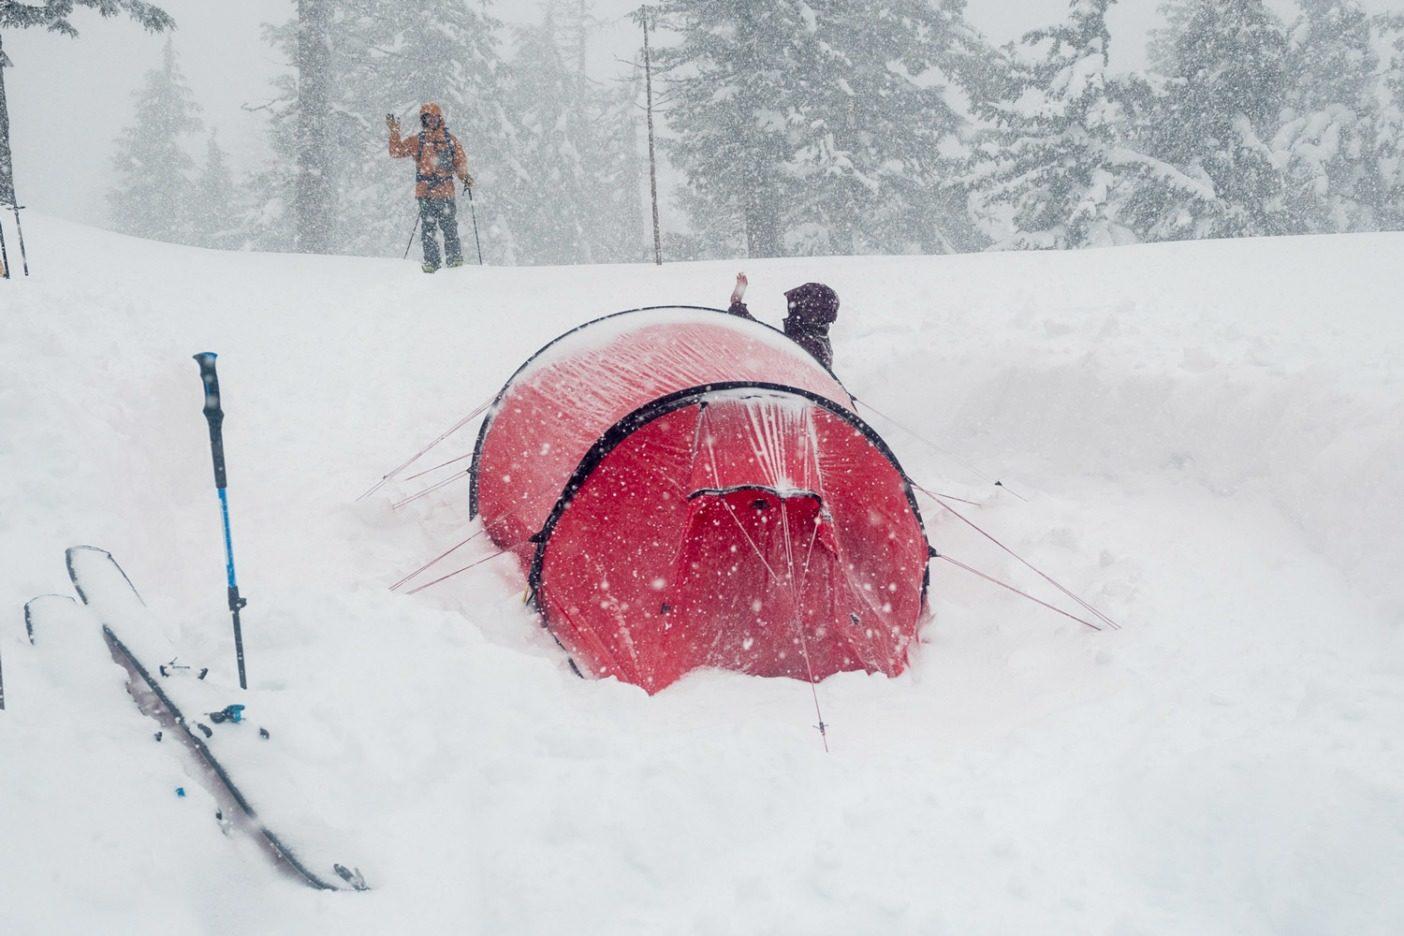 「おかえりなさい、ケイル!」リア・エヴァンスが、ホワイトアウトの中、キャンプの下での短時間の滑降から戻ってきたケイル・マーティンを迎える。Photo: Colin Wiseman